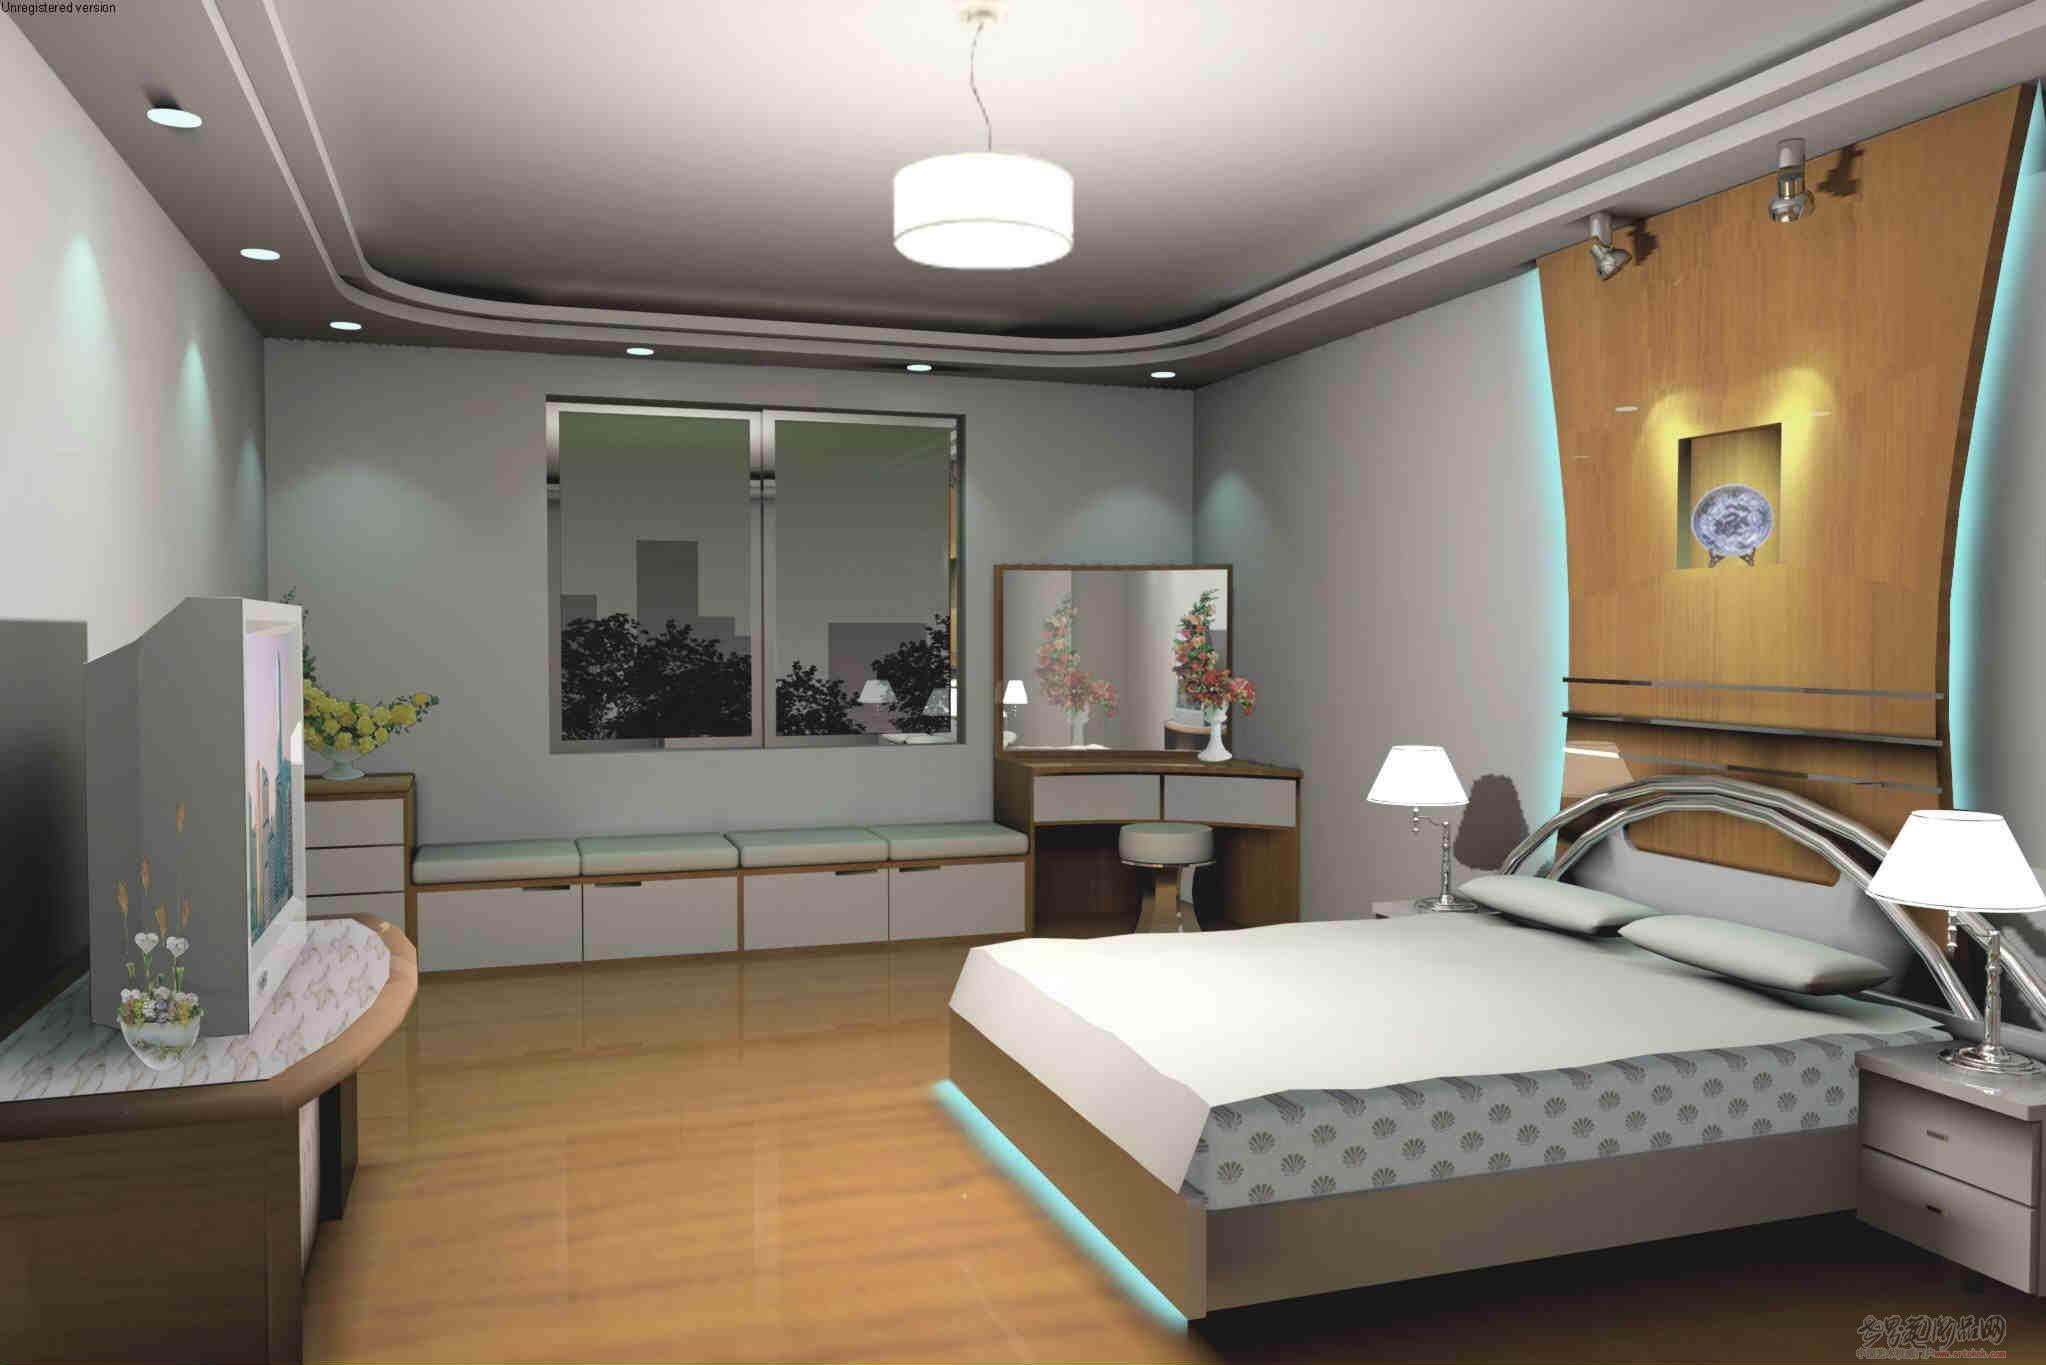 背景墙 房间 家居 酒店 起居室 设计 卧室 卧室装修 现代 装修 2046